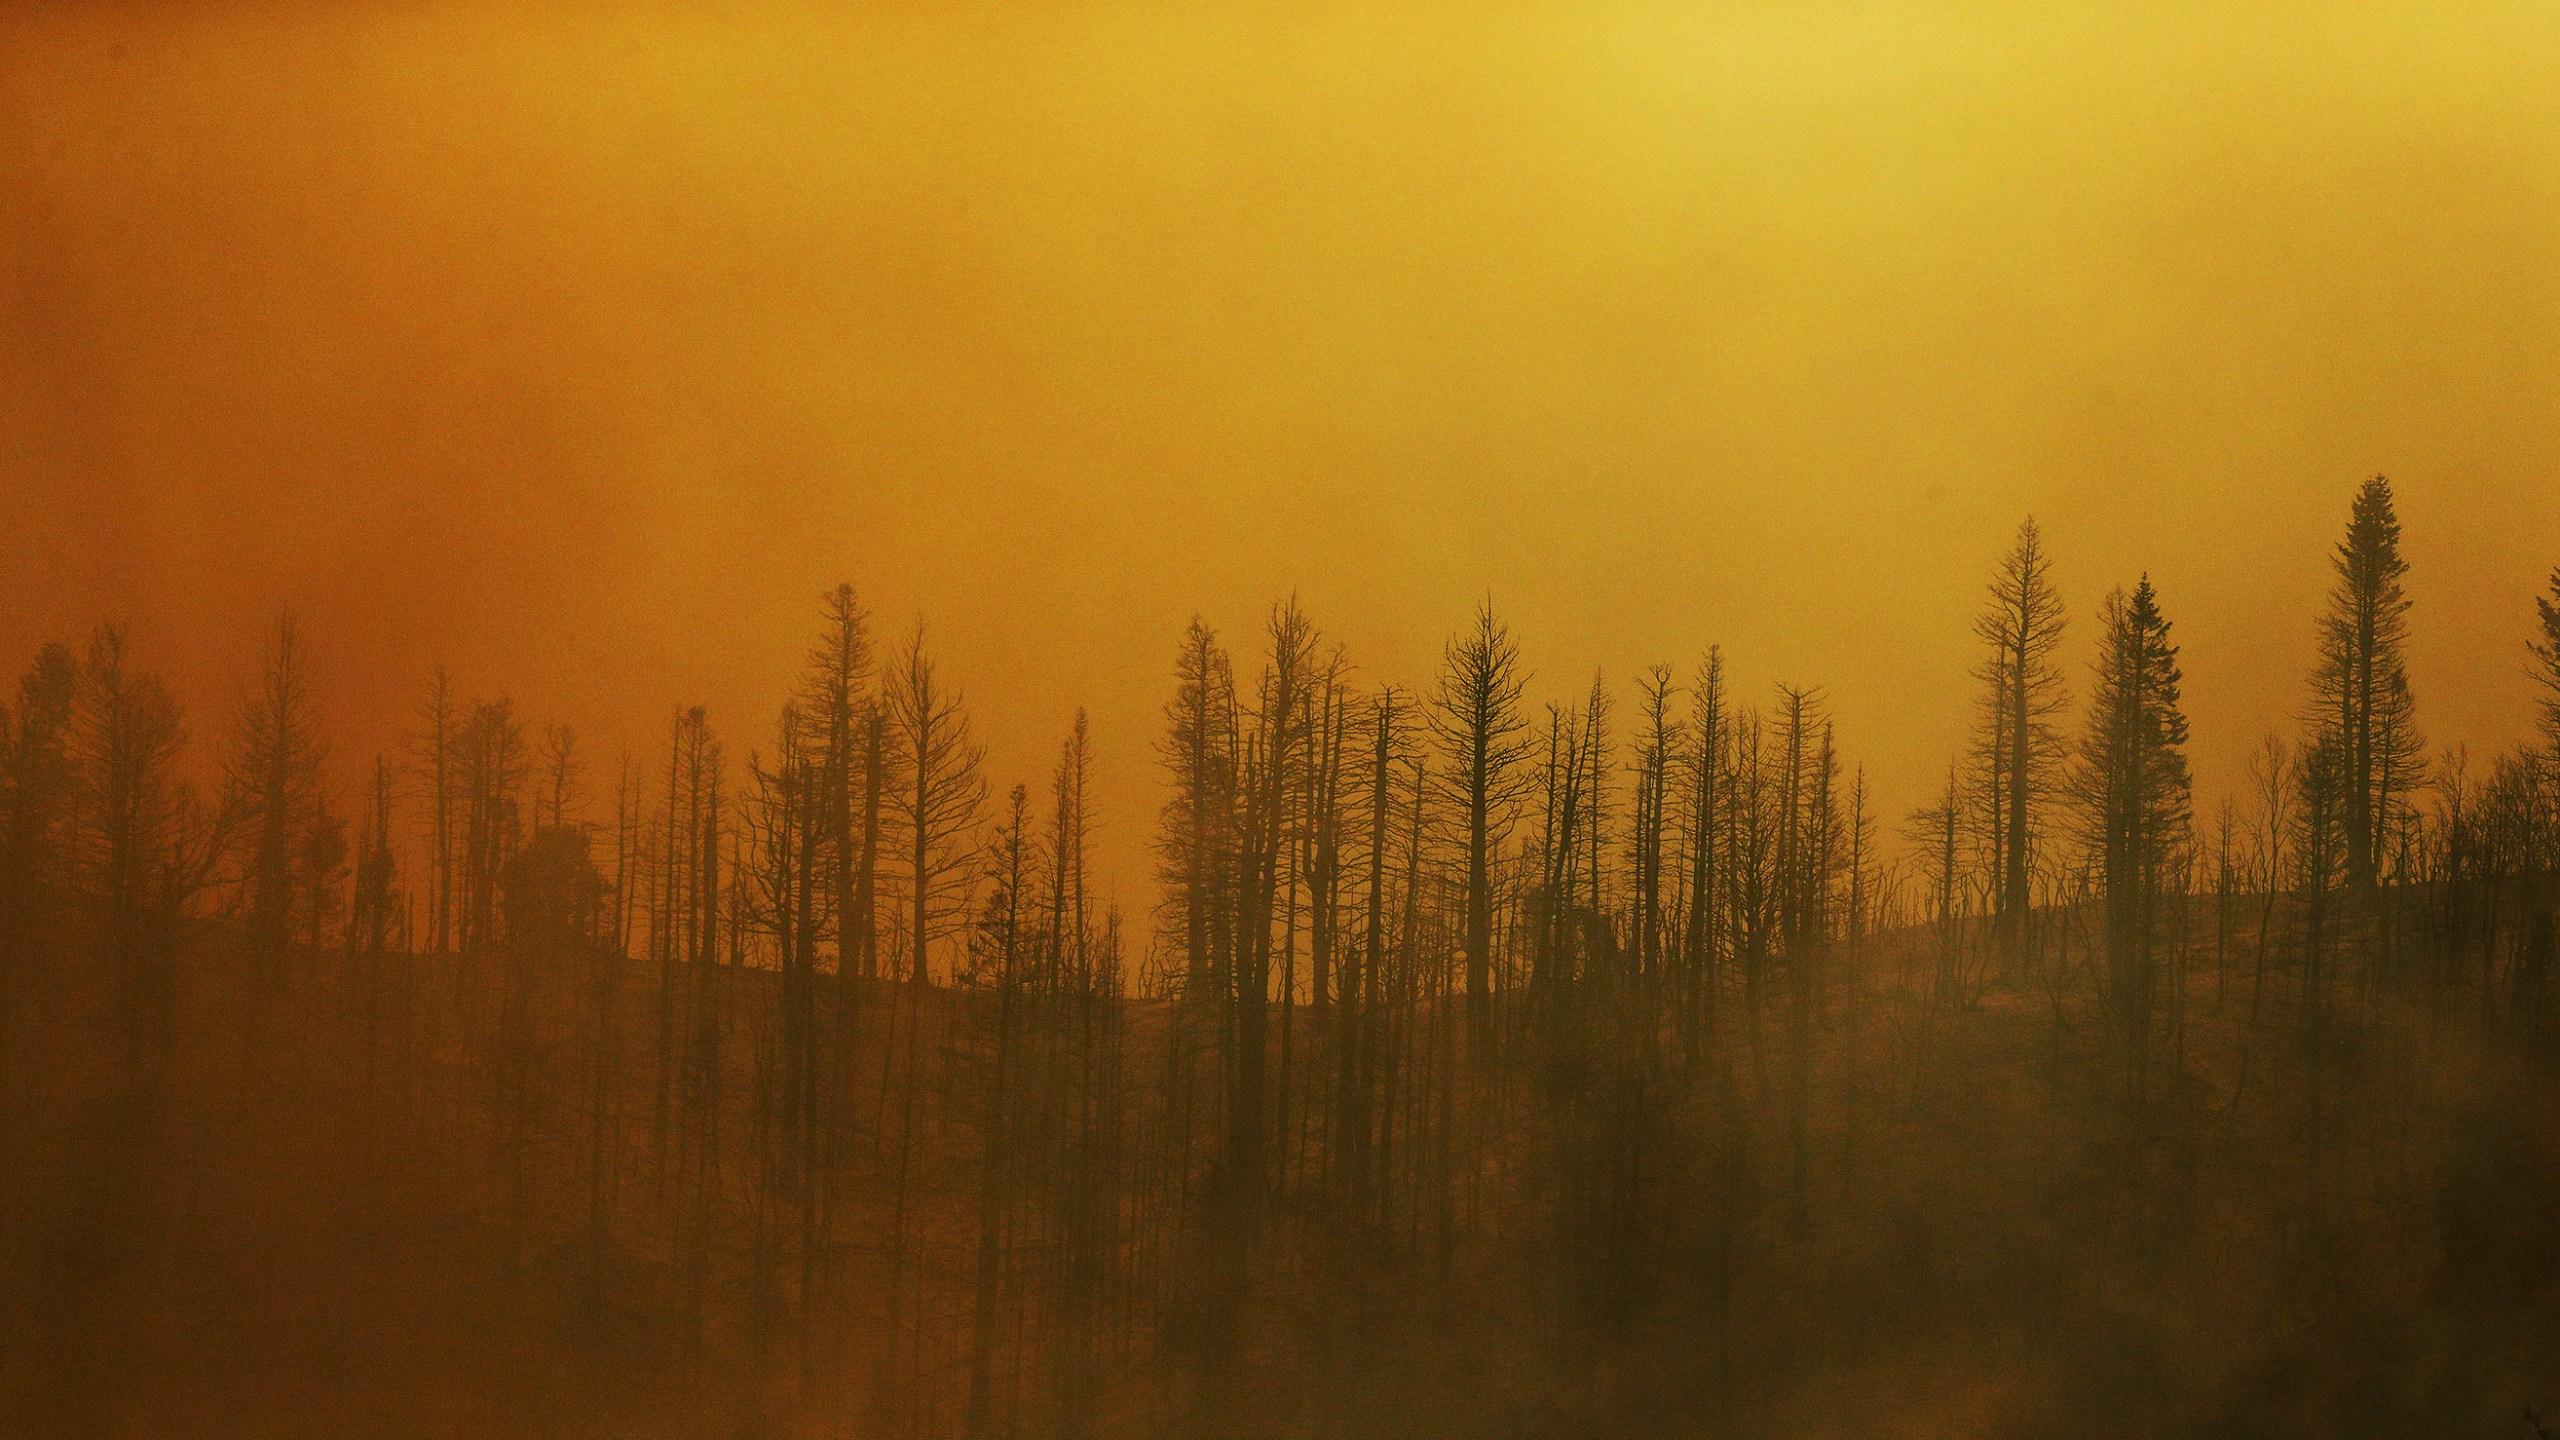 Western_Wildfires_79028-159532.jpg41065783